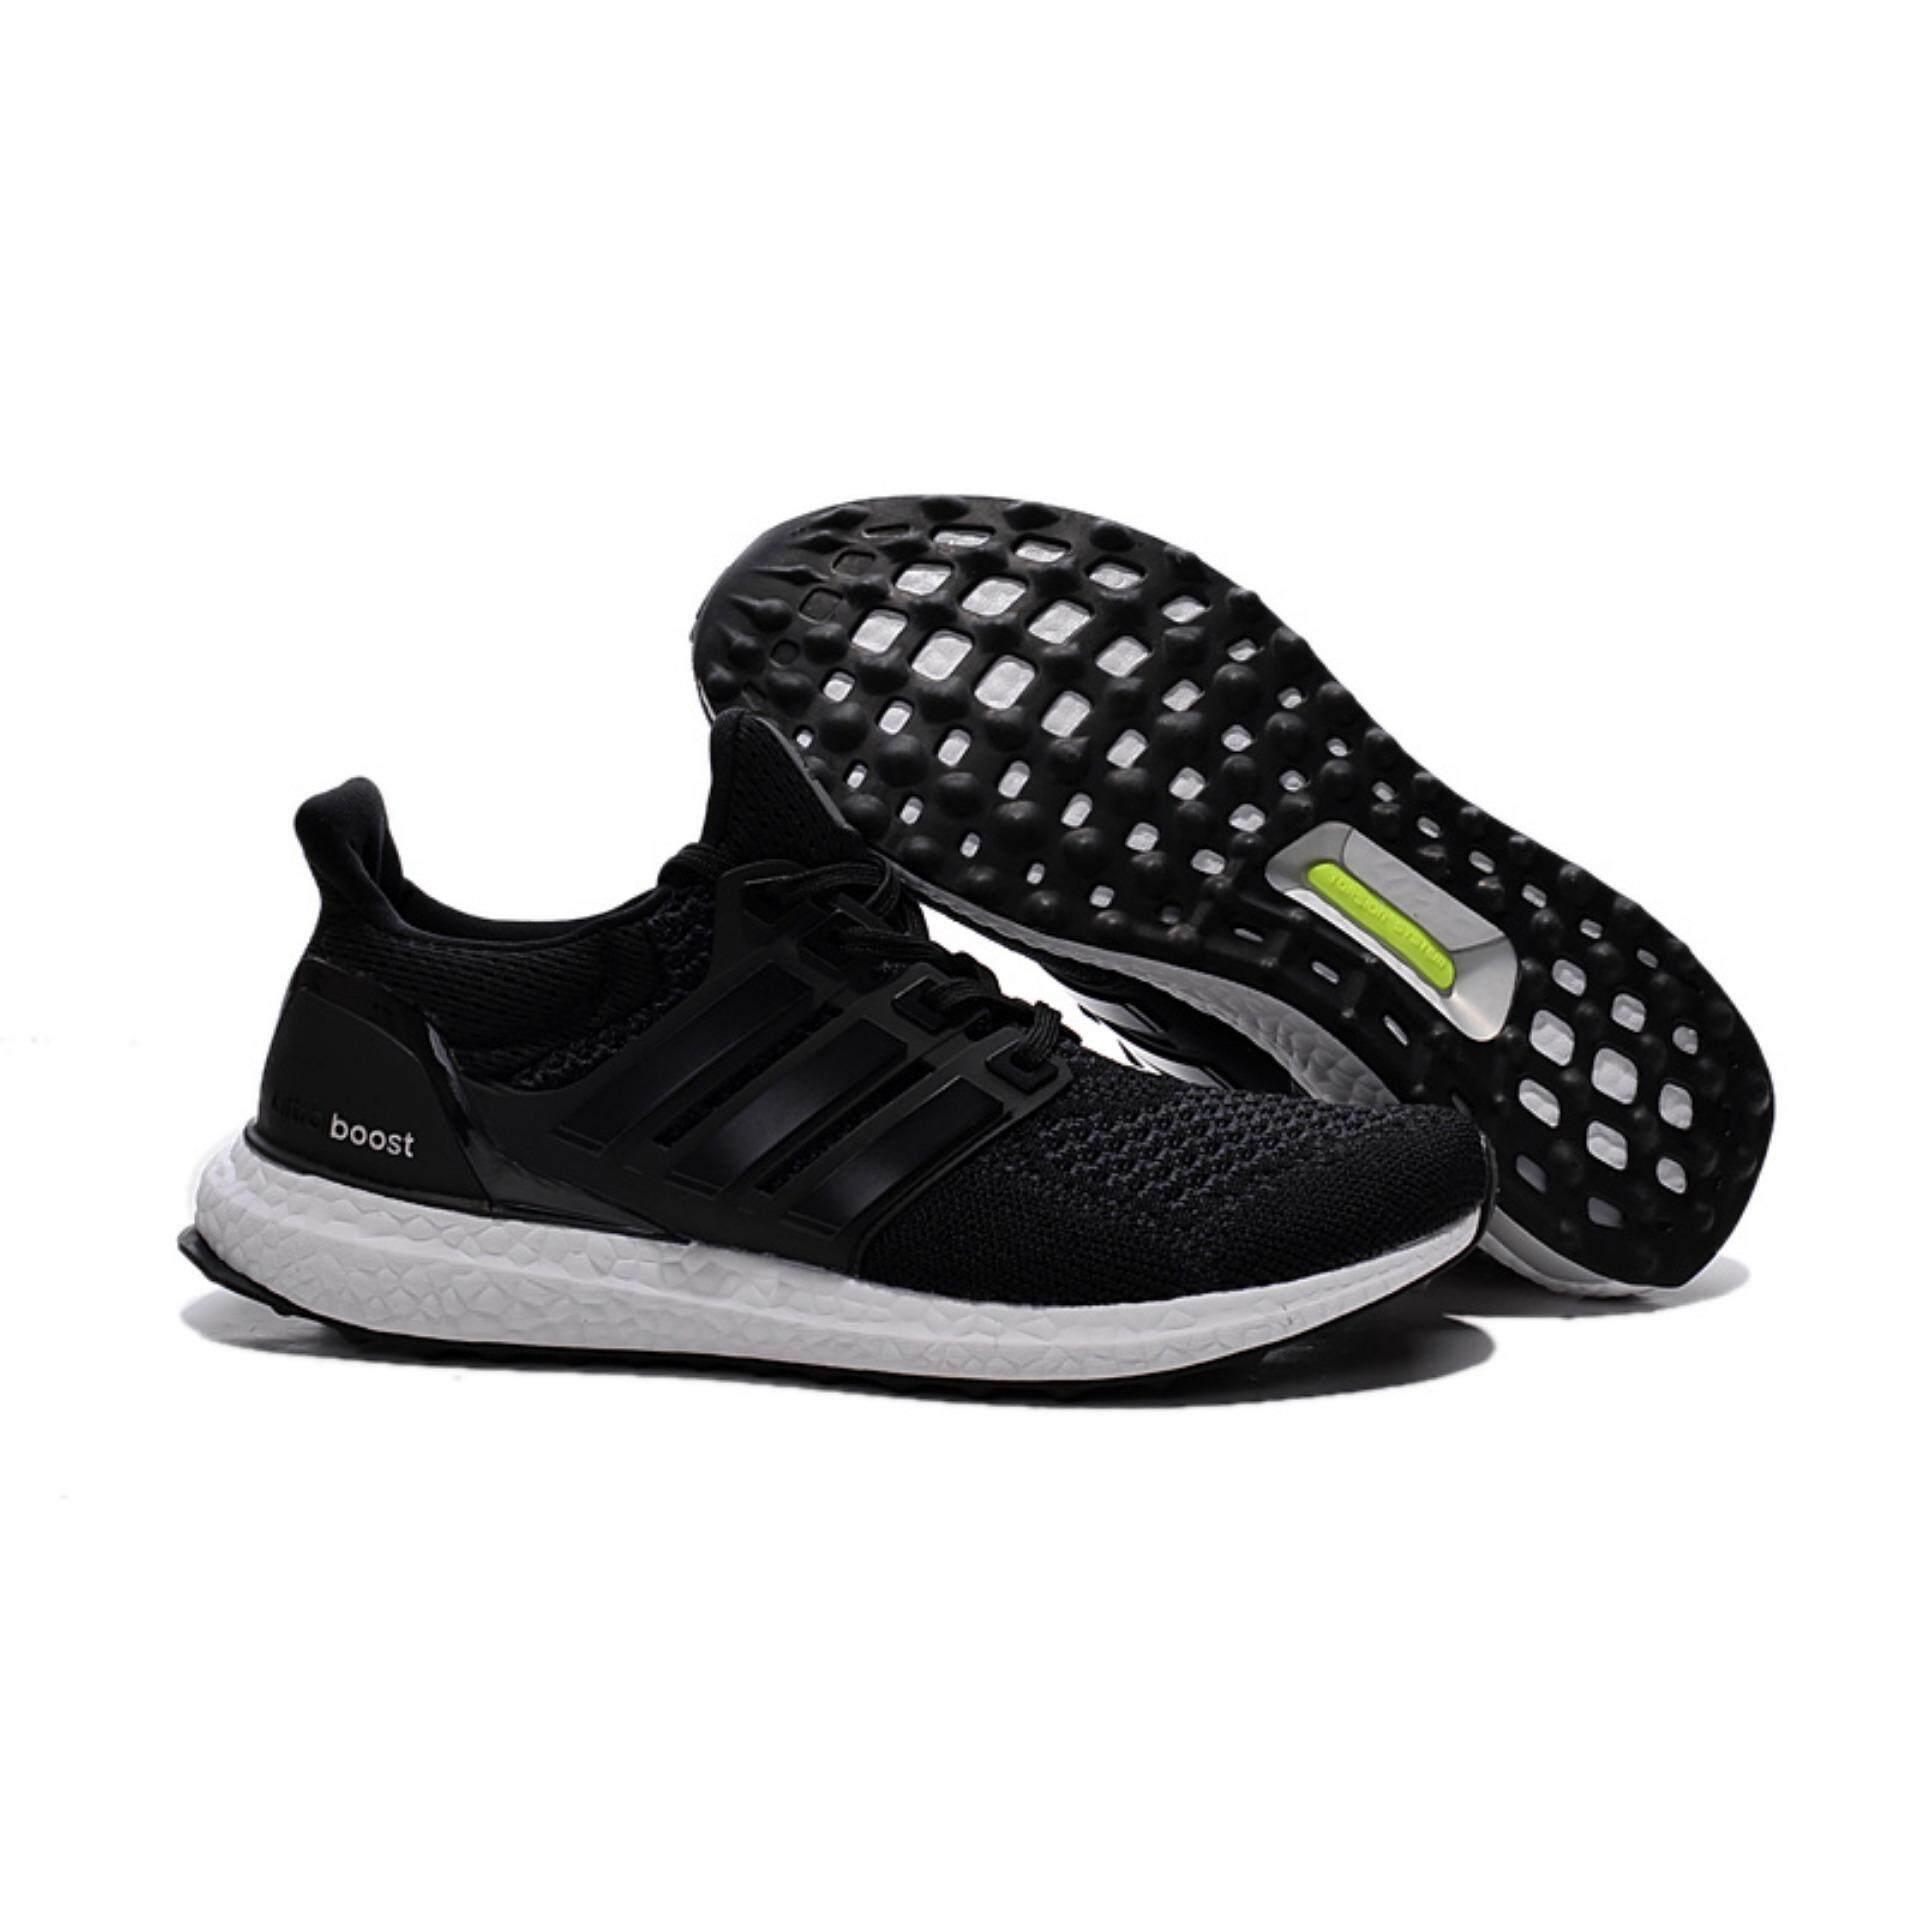 Harga Dan Ultra Spesifikasi Dan Adidas Ultra Boost 4 0 Adidas Núcleo Negro Dan Harga bc8c870 - hvorvikankobe.website